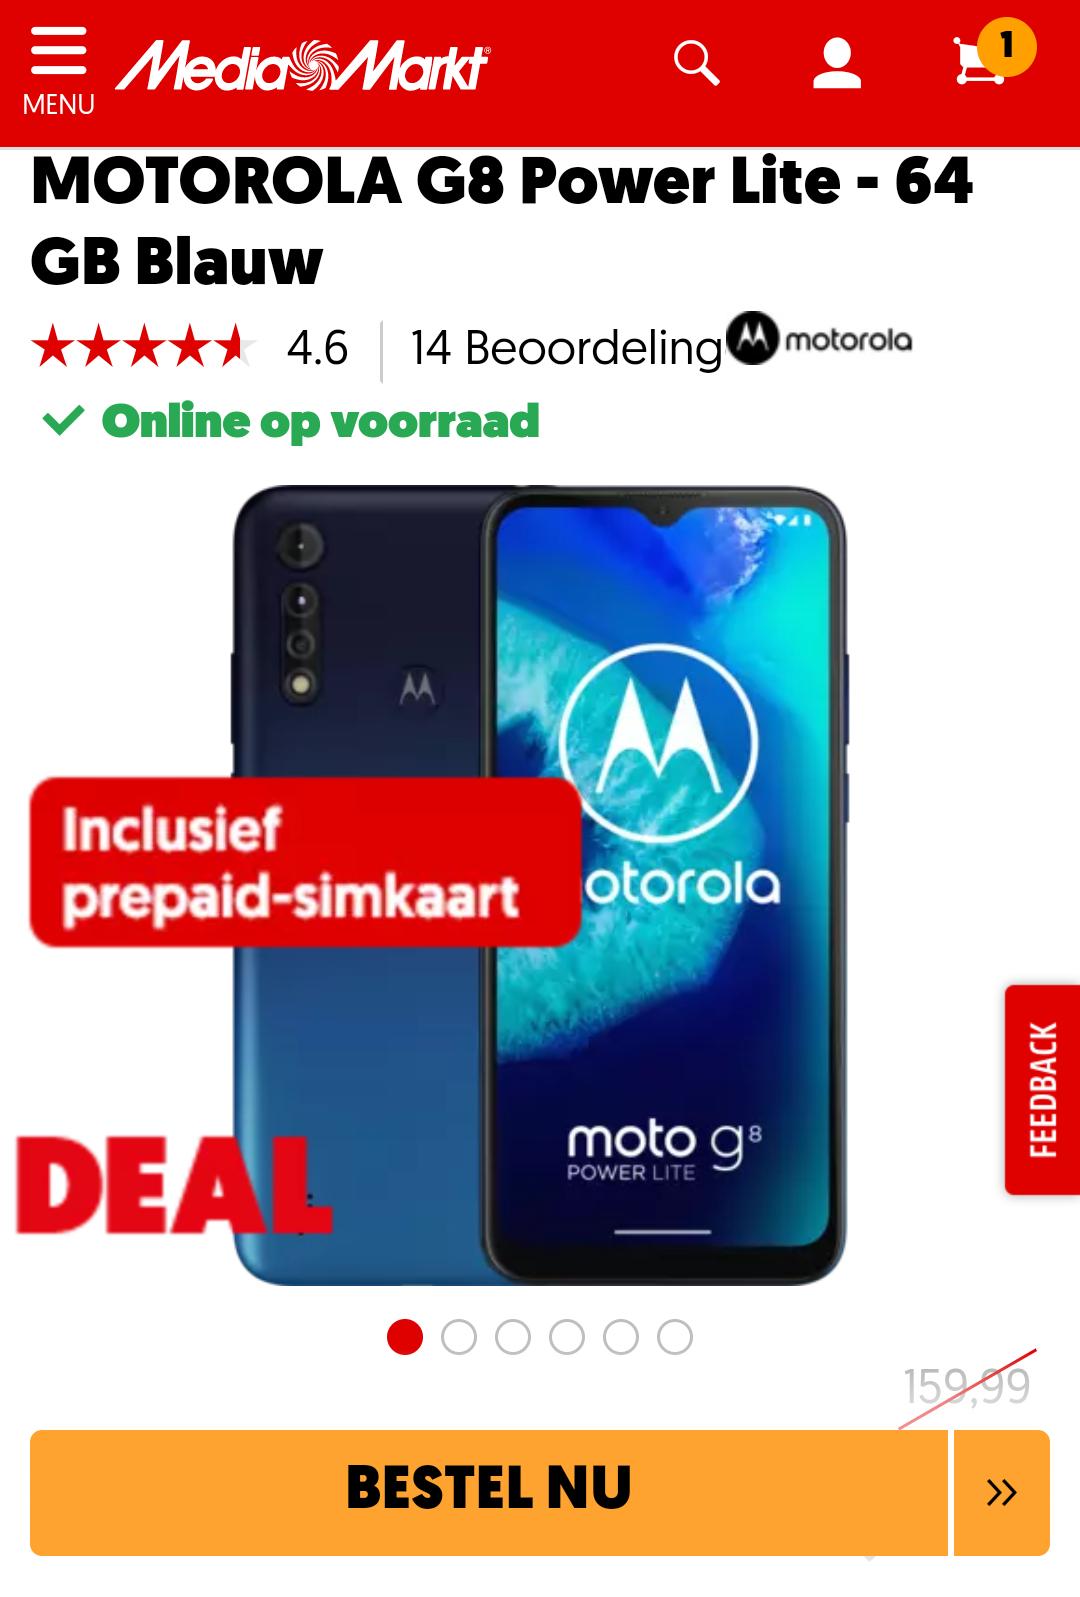 Motorola G8 Power Lite 4/64GB Blauw (na nieuwsbrief + cashback) @ MediaMarkt